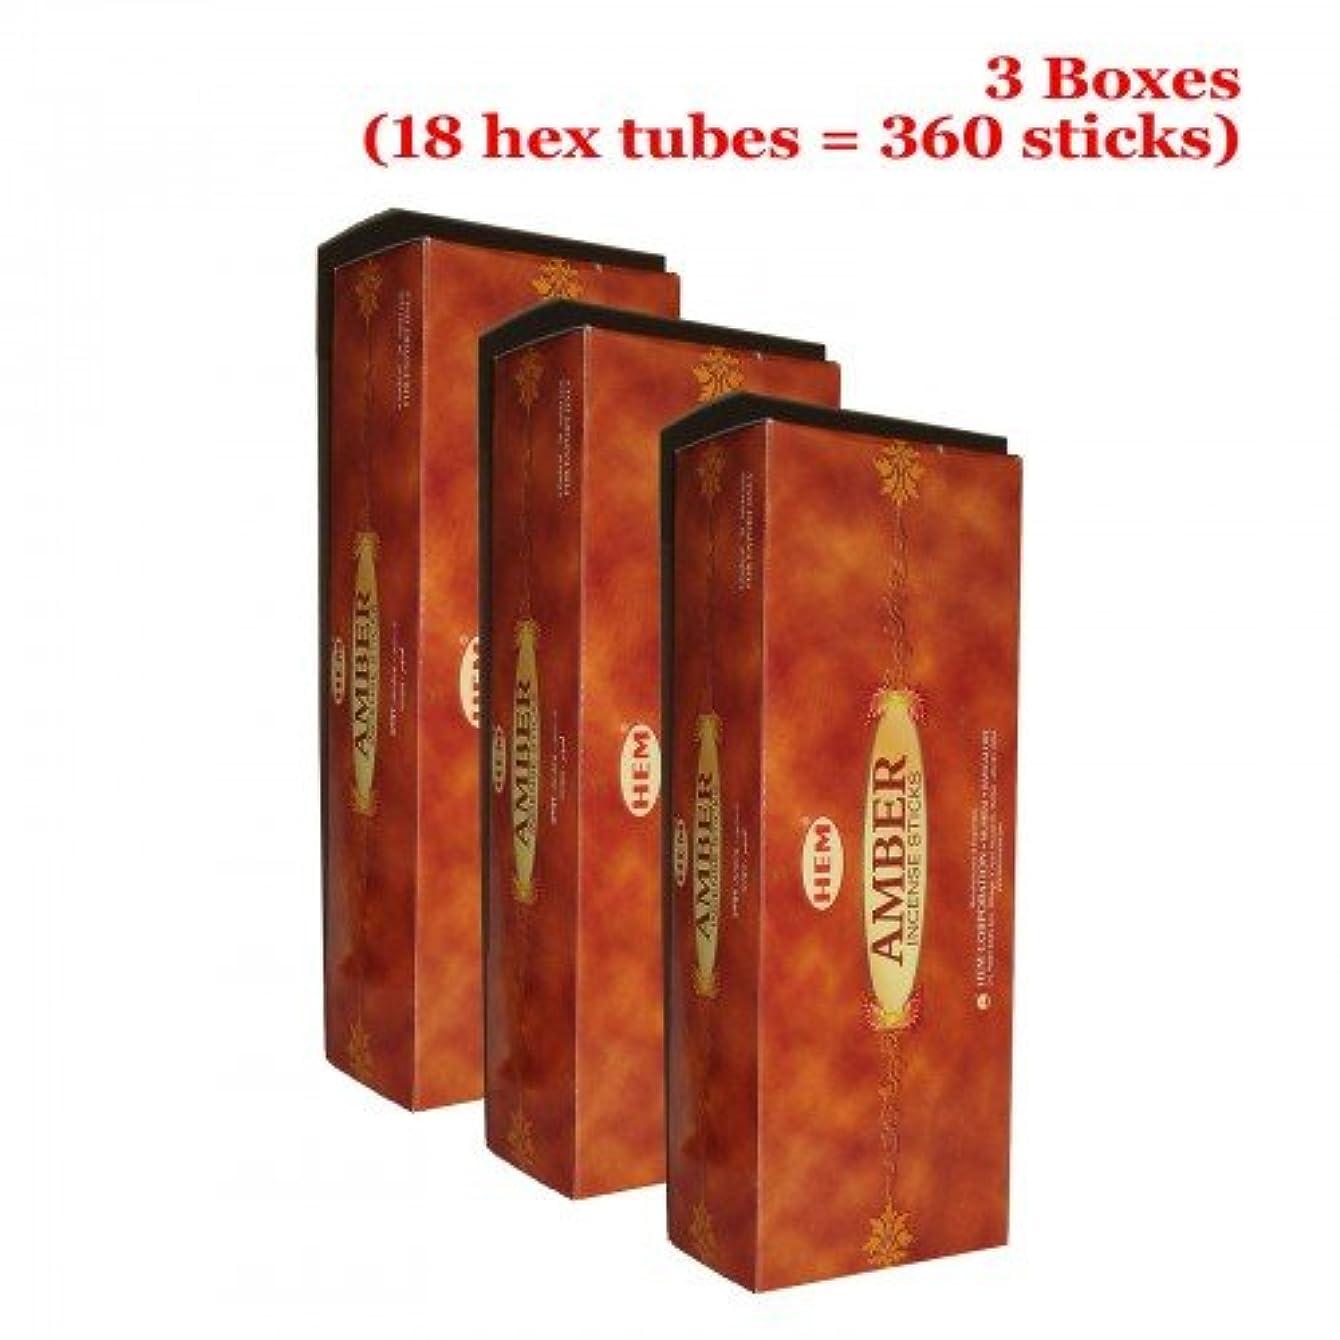 Hemアンバー香、3ボックス – (360 Sticksバルクper order)